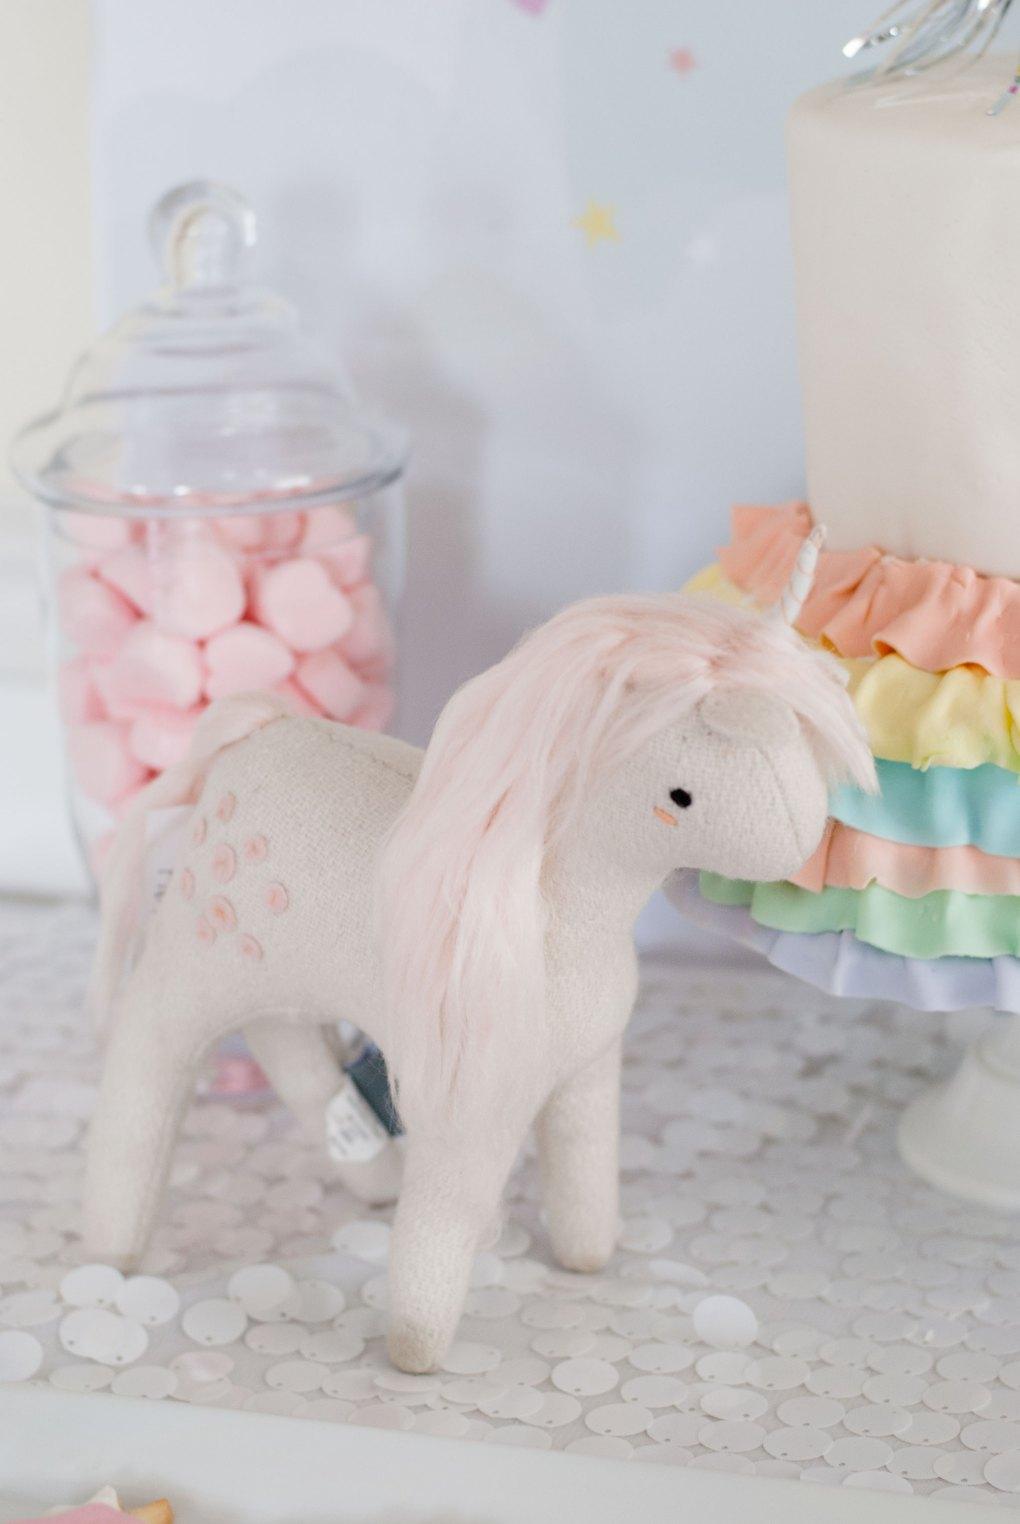 Plush Unicorn from The Land of Nod